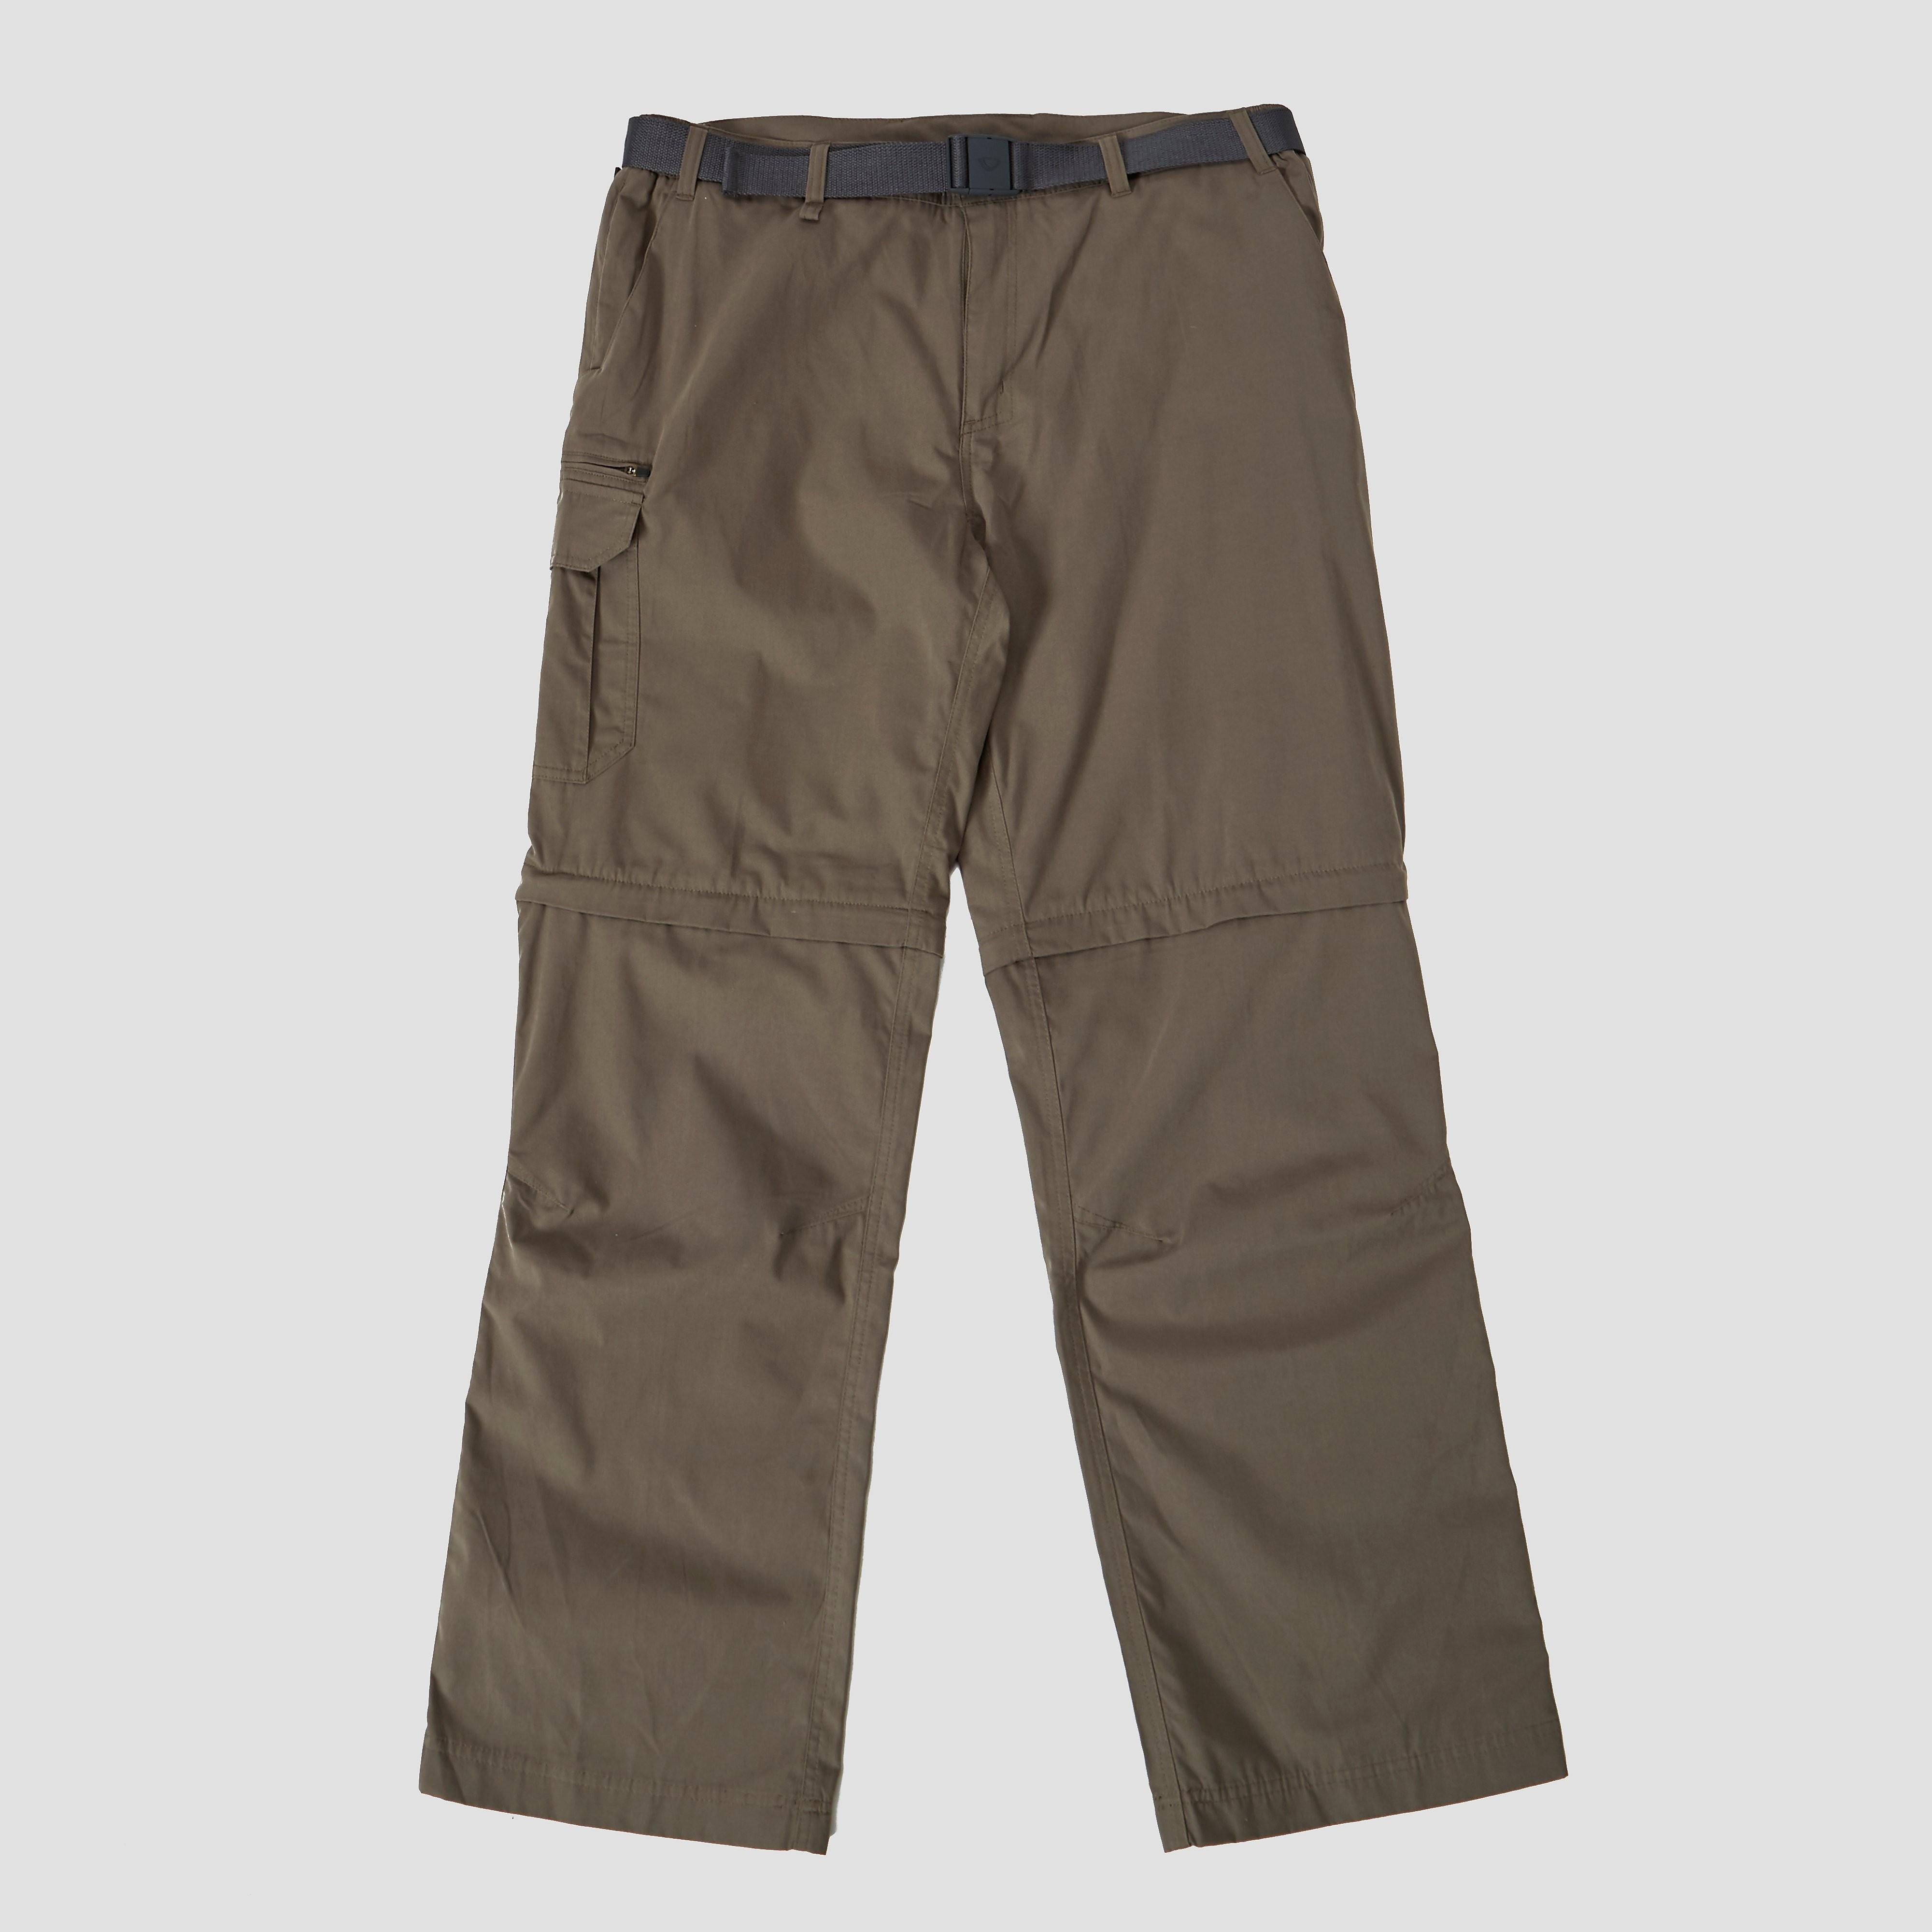 BRASHER Men's Zip-off Walking Trousers